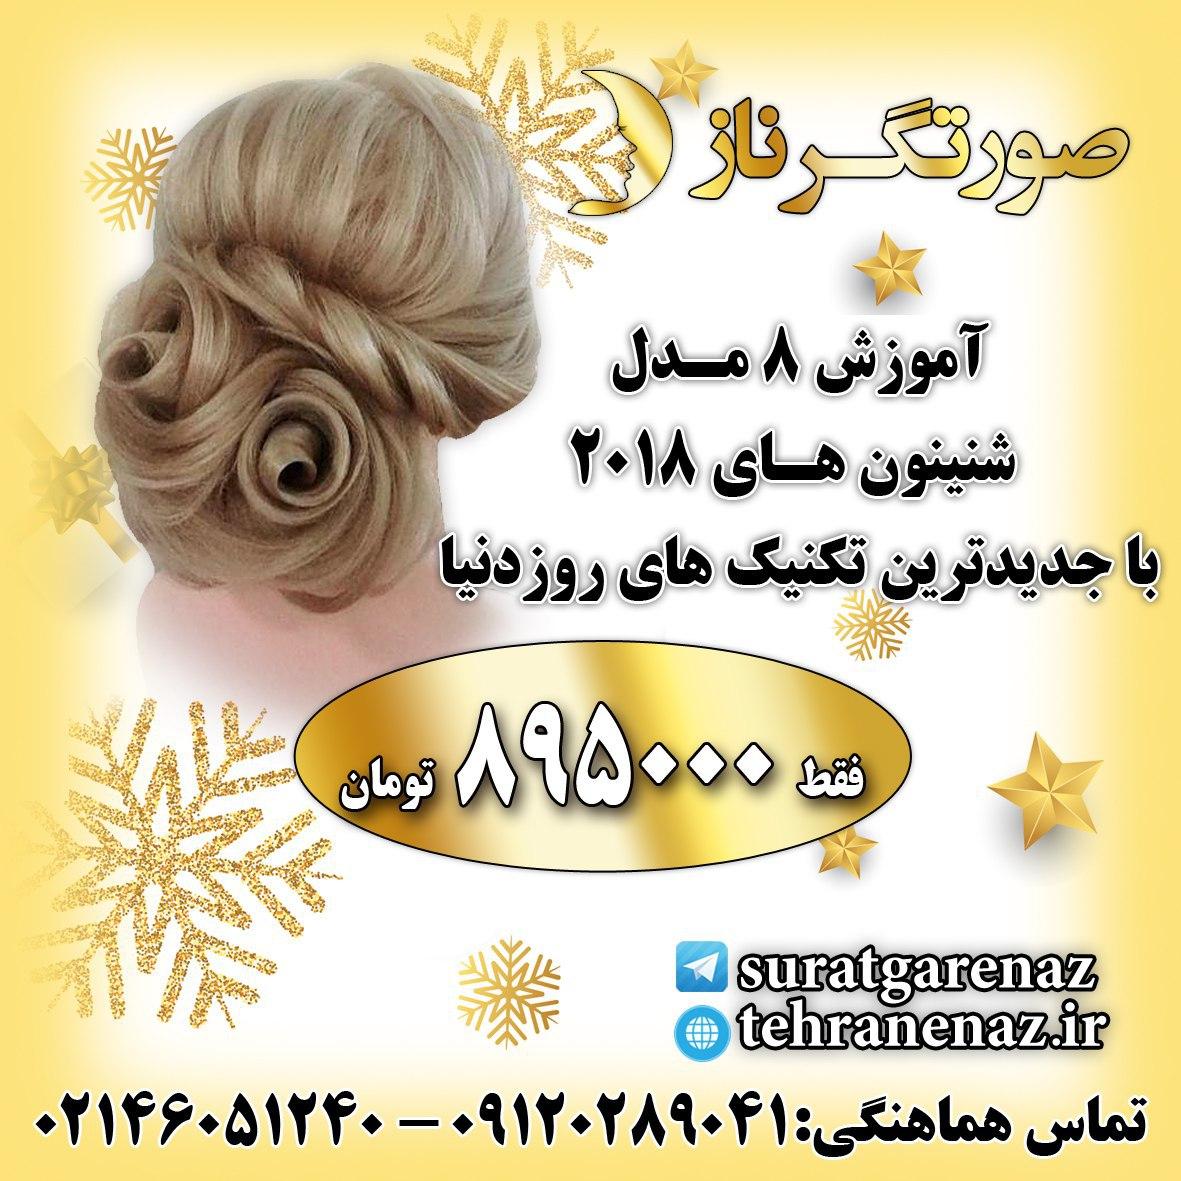 آموزشگاه و عروس سرای صورتگر ناز در تهران